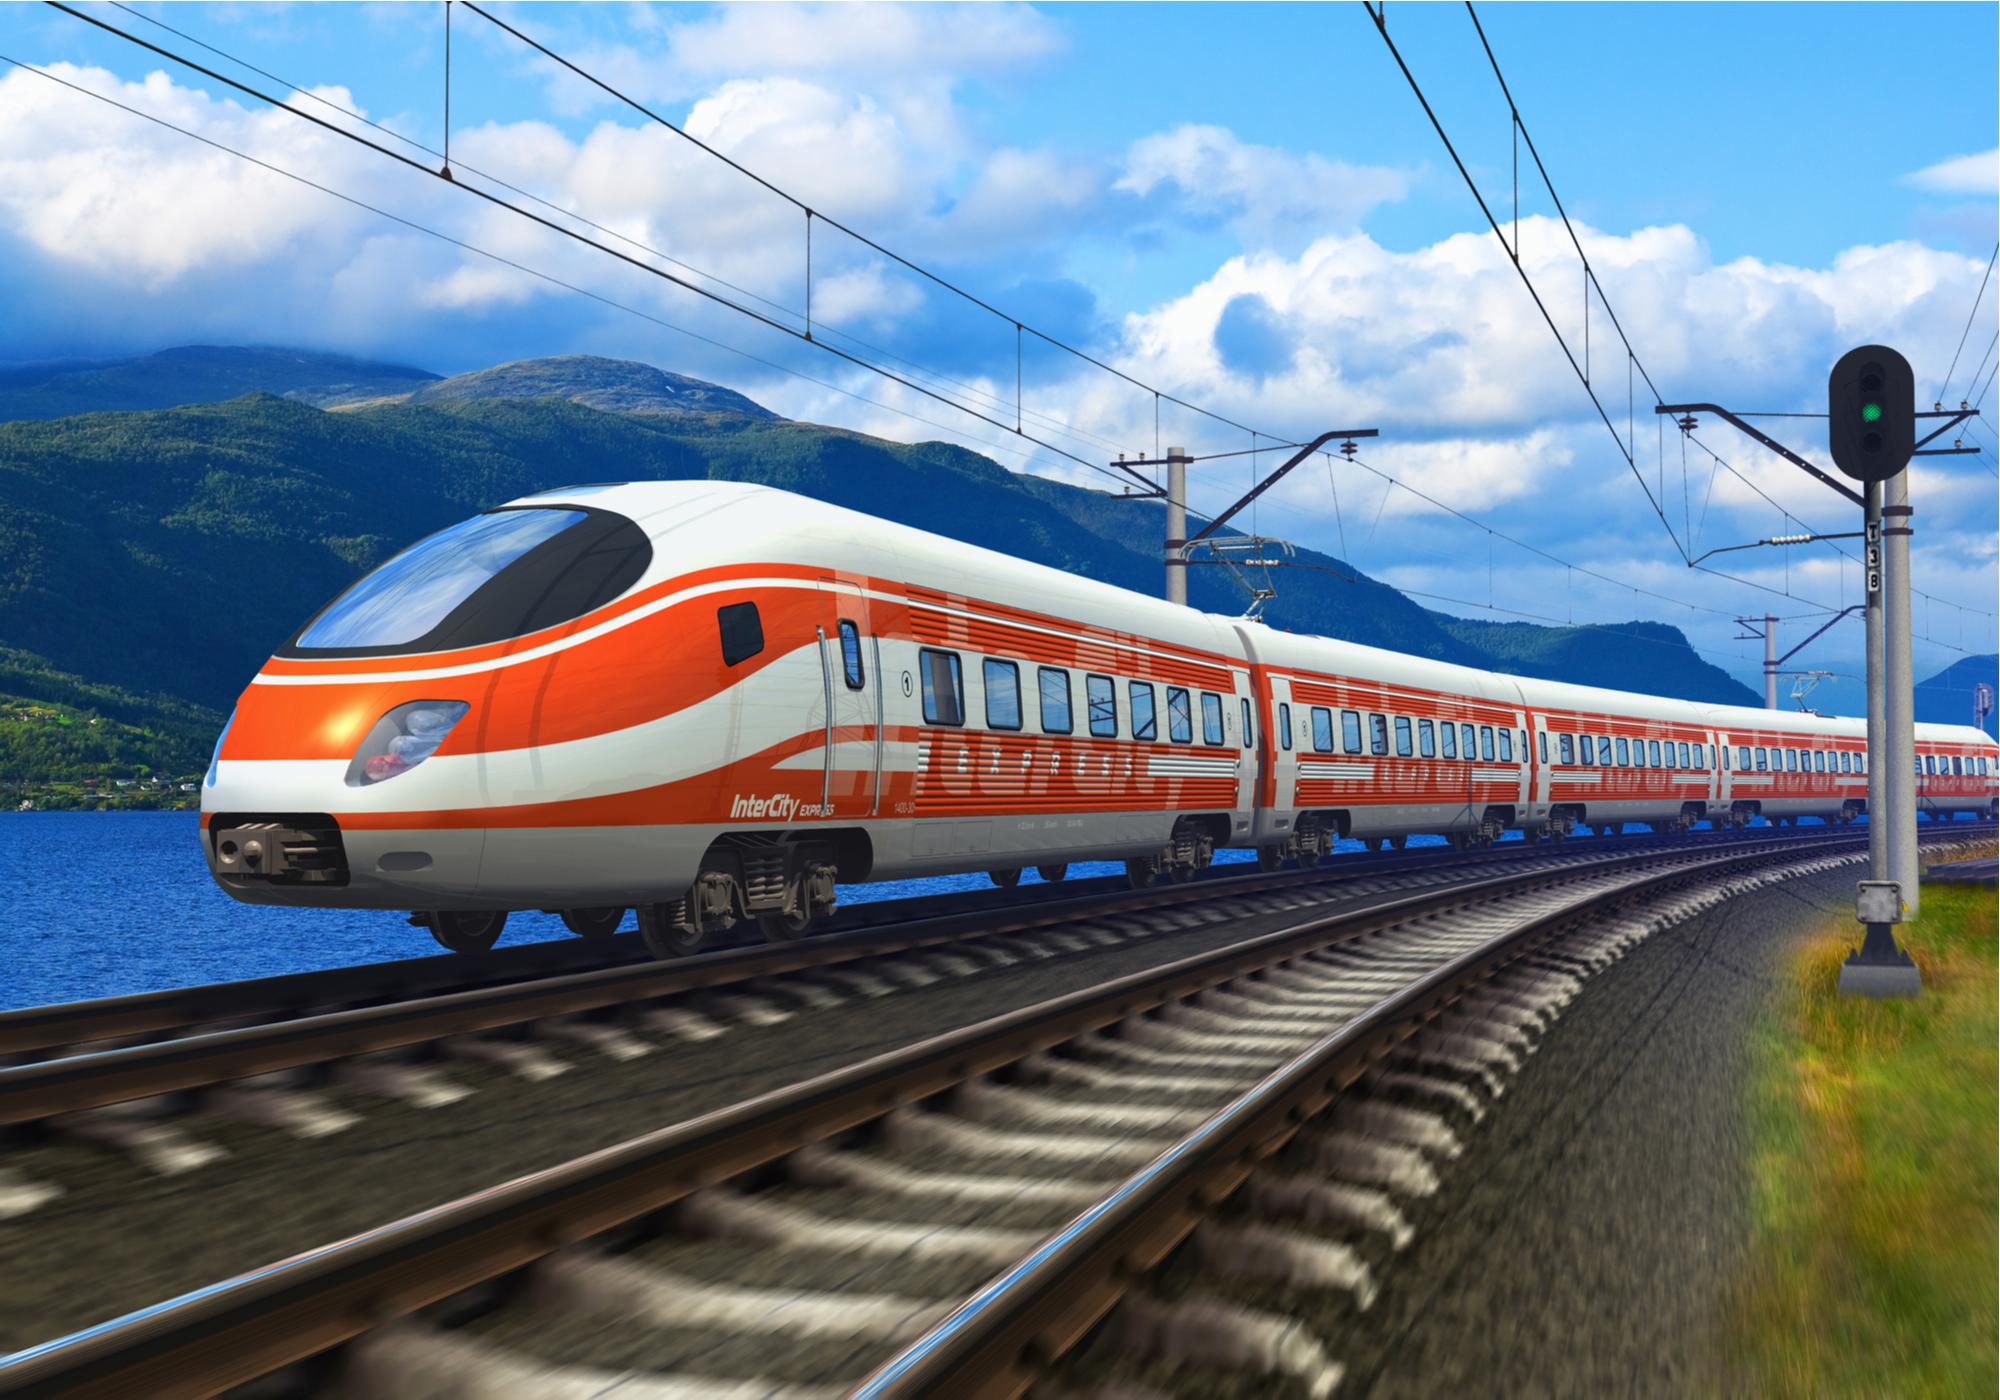 قطار عالي السرعة